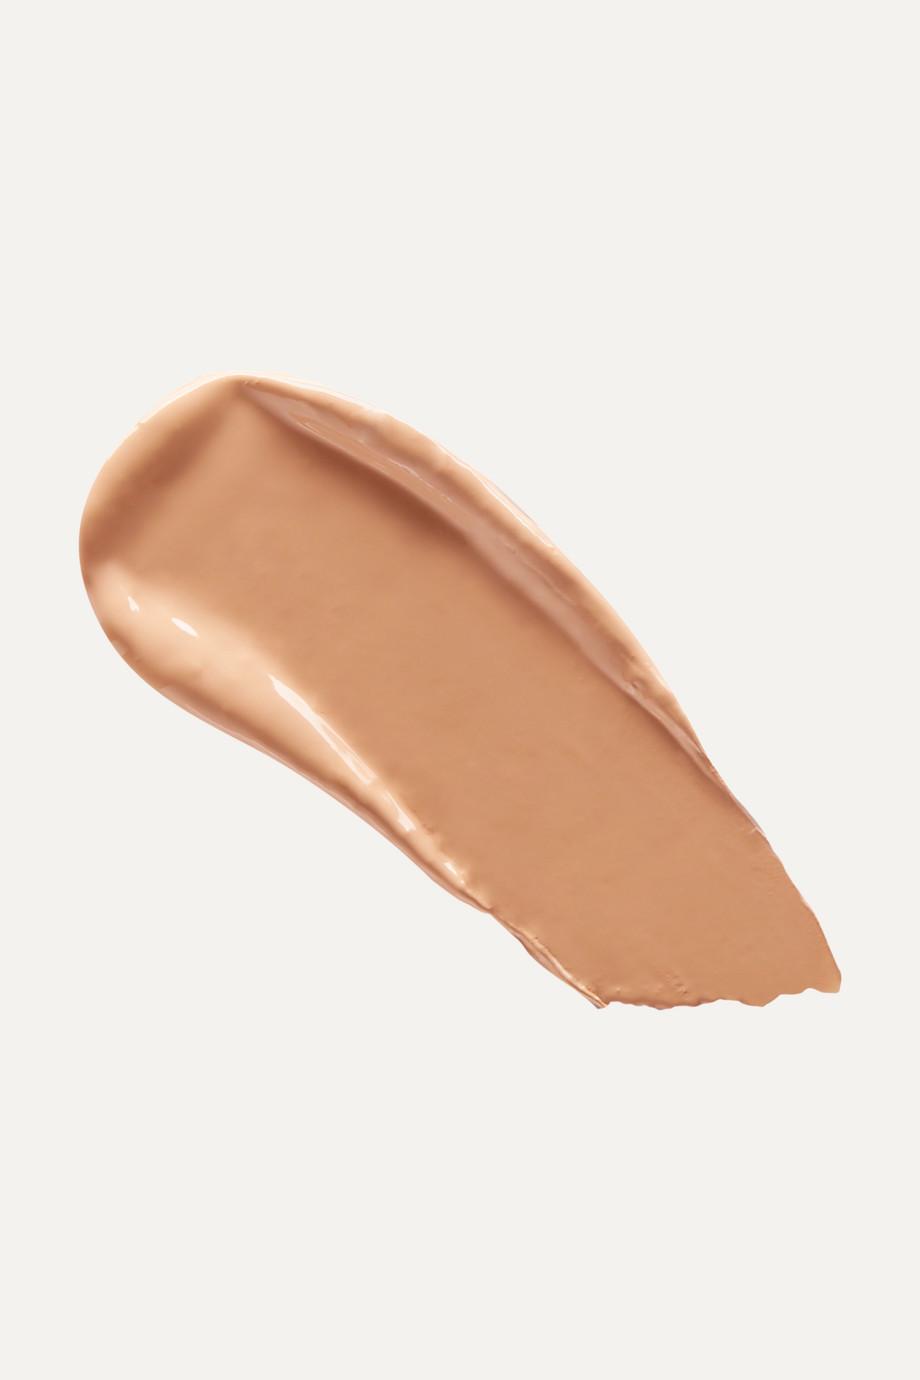 Bobbi Brown Instant Full Cover Concealer  - Beige, 6ml